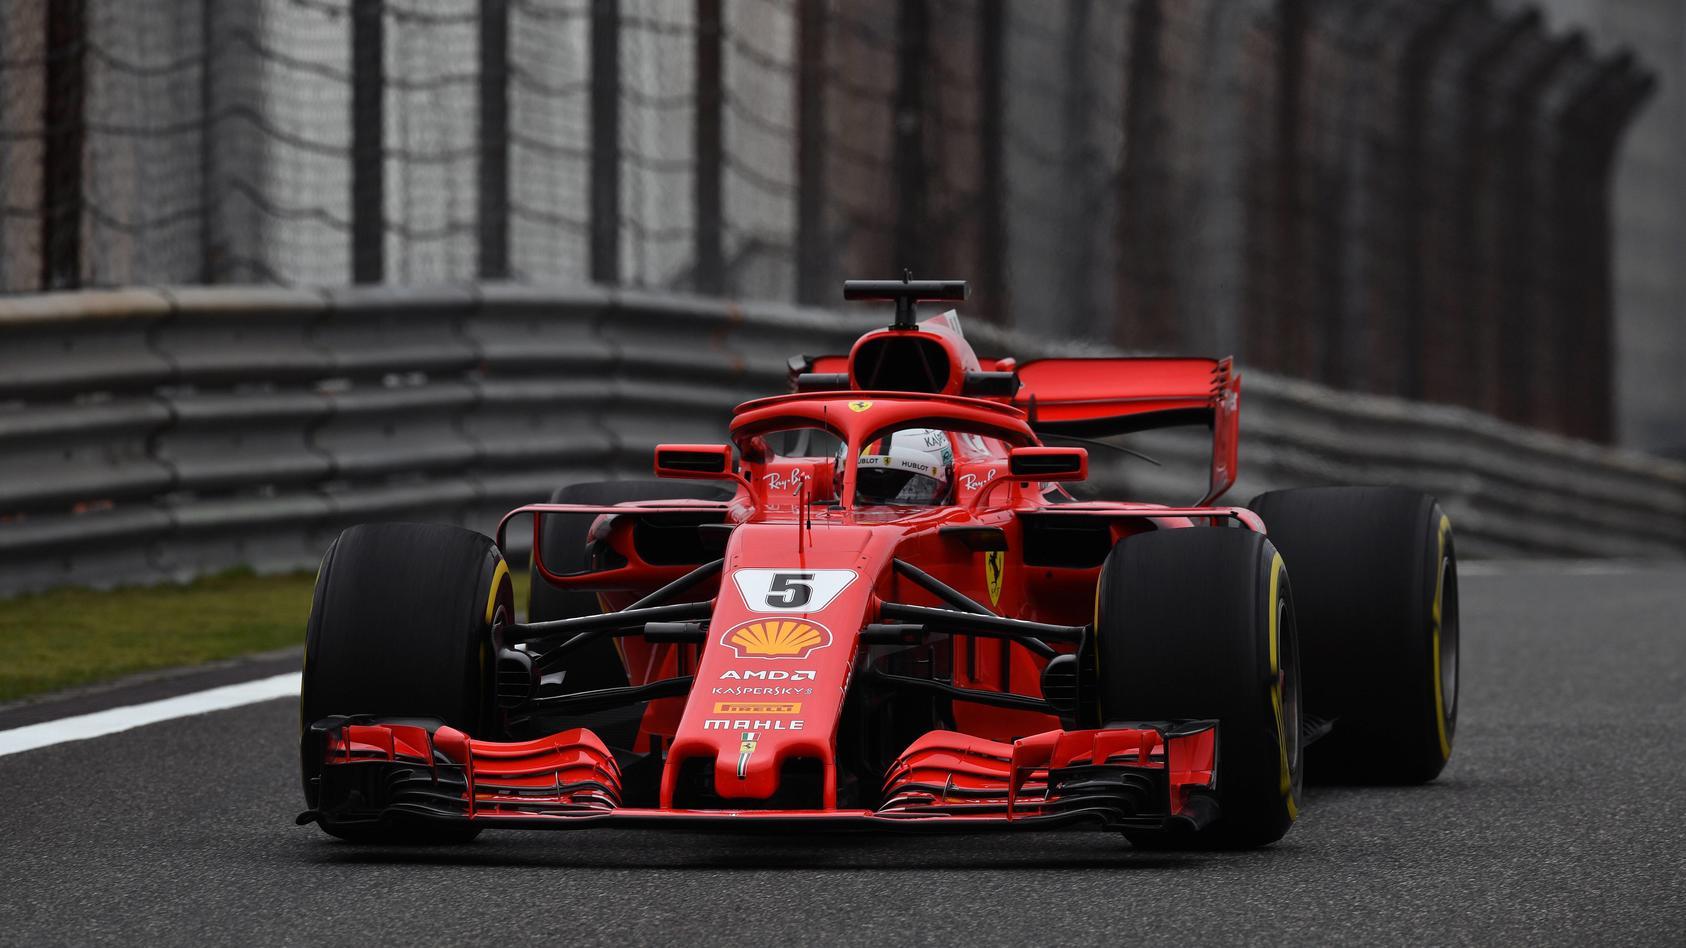 Fehlerfrei und klar der Schnellste: Sebastian Vettel beim letzten Training vor dem Qualifying in Shanghai